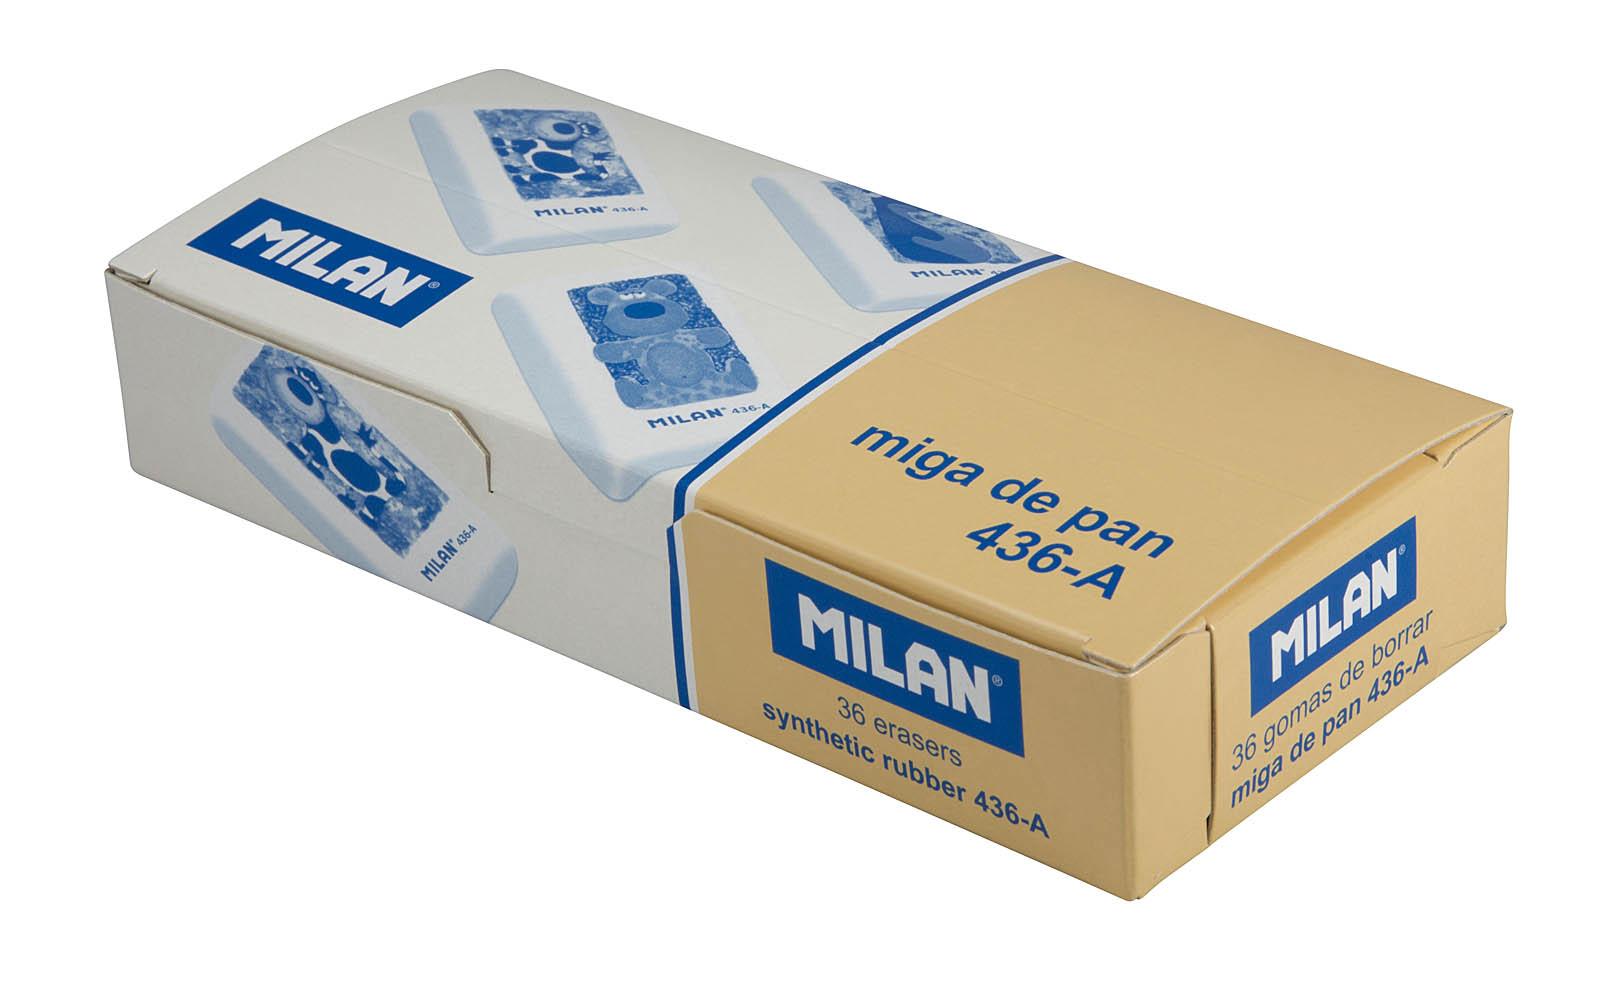 Резинка 436, синтетическая MILAN - фото 2